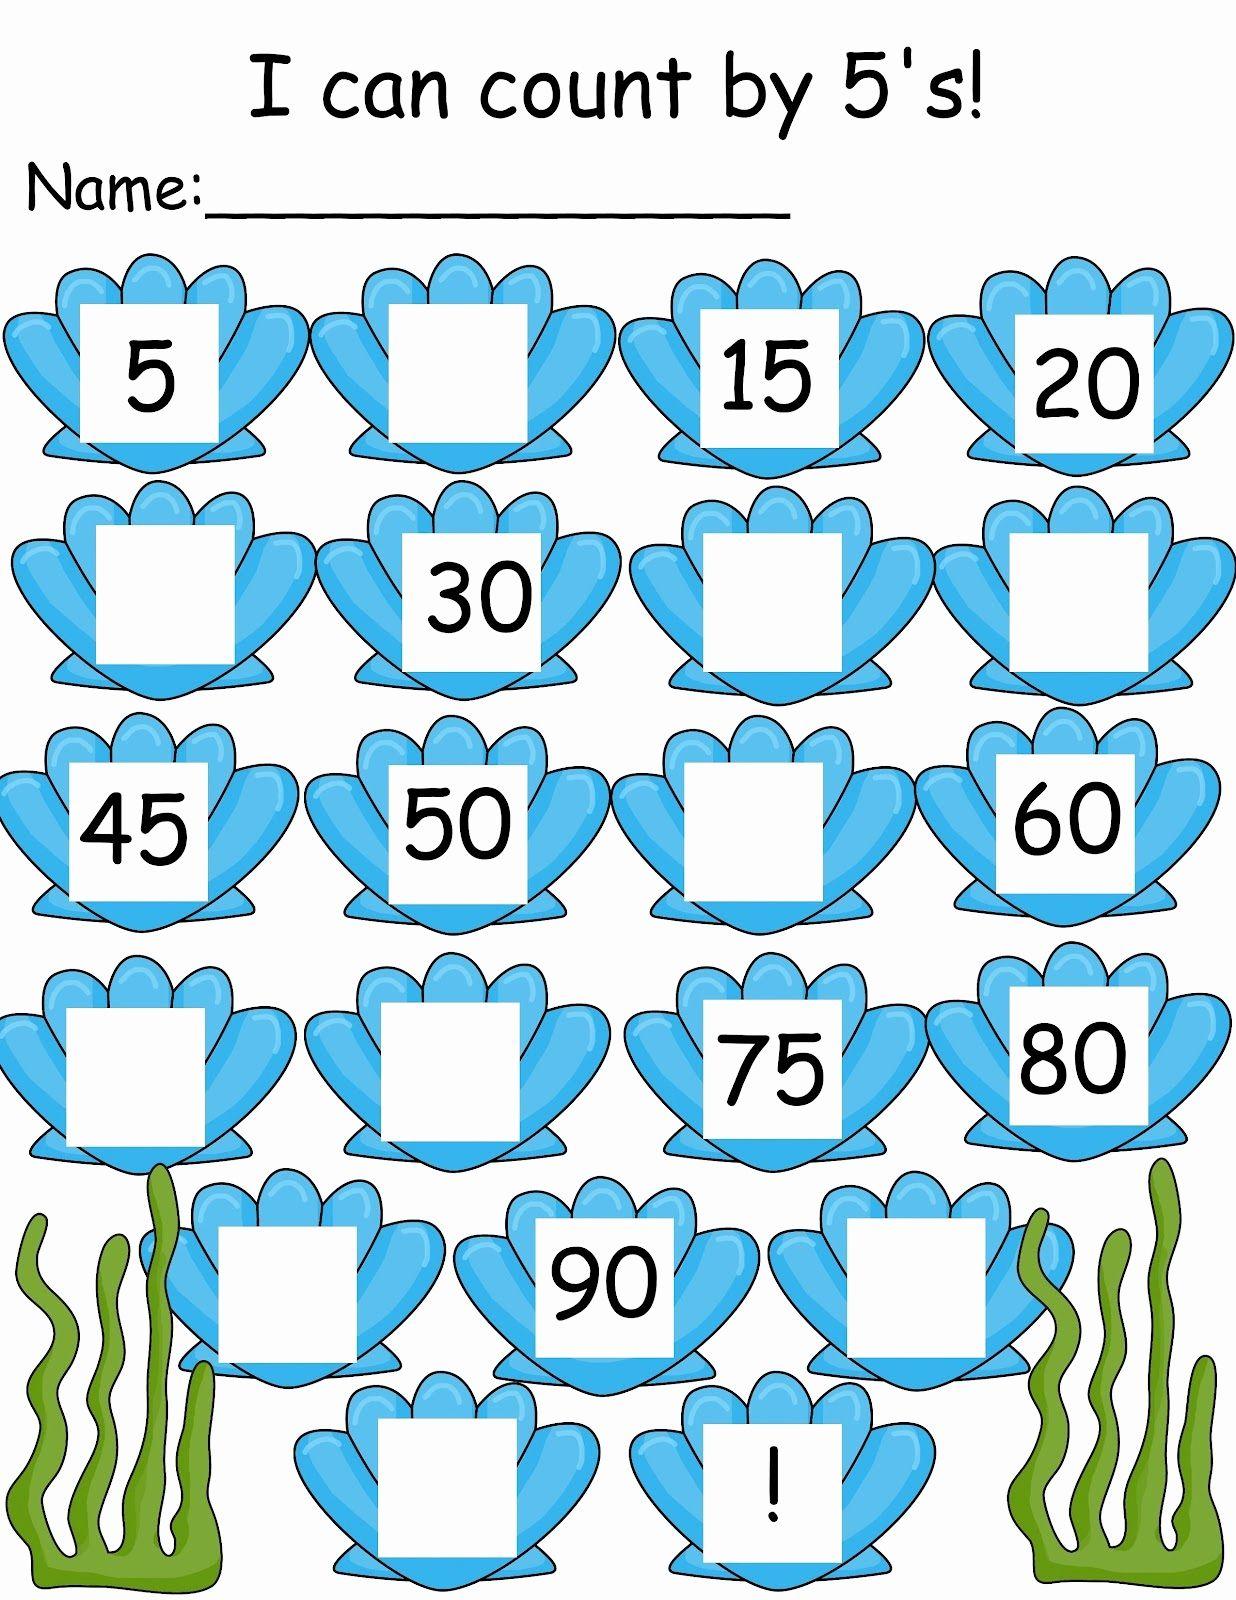 Count By 5s Worksheet For Kindergarten In